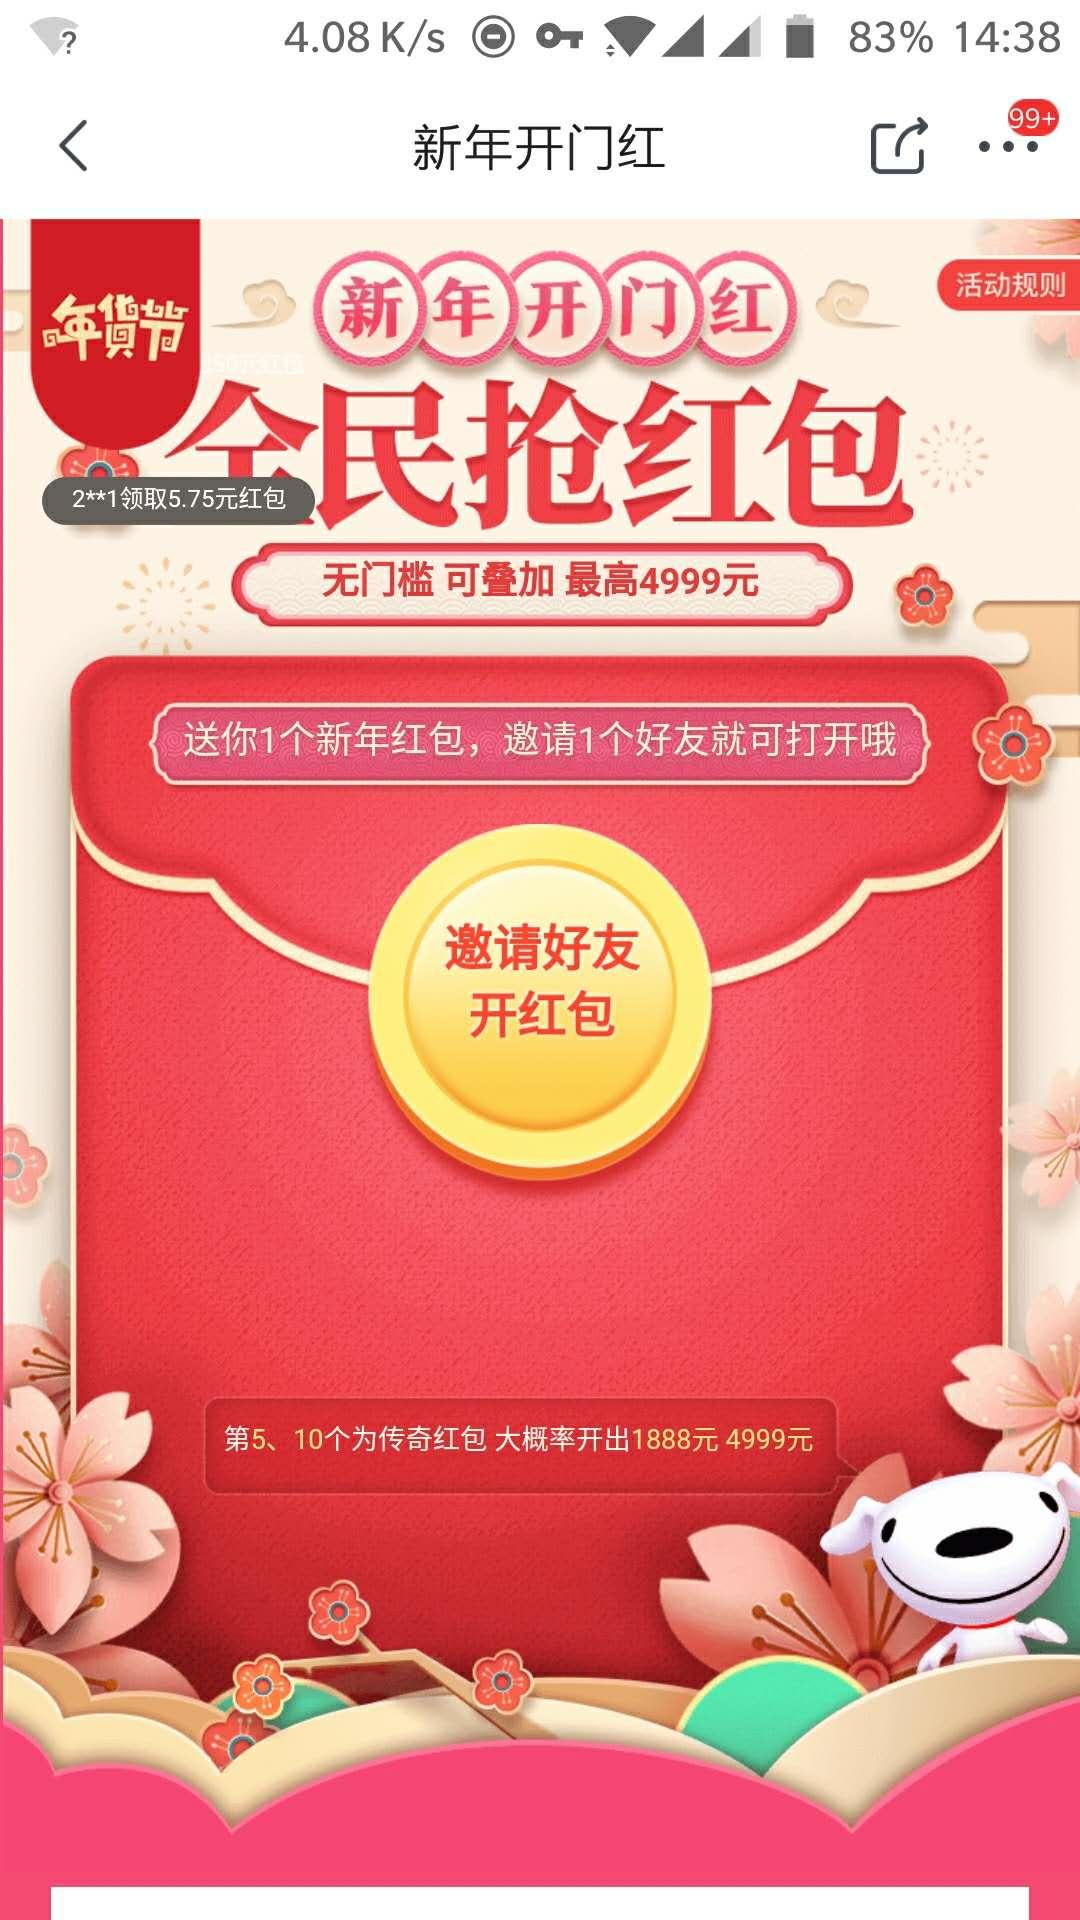 京東 新年開門紅全民搶紅包活動 最可得4999元無門檻紅包圖片 第1張